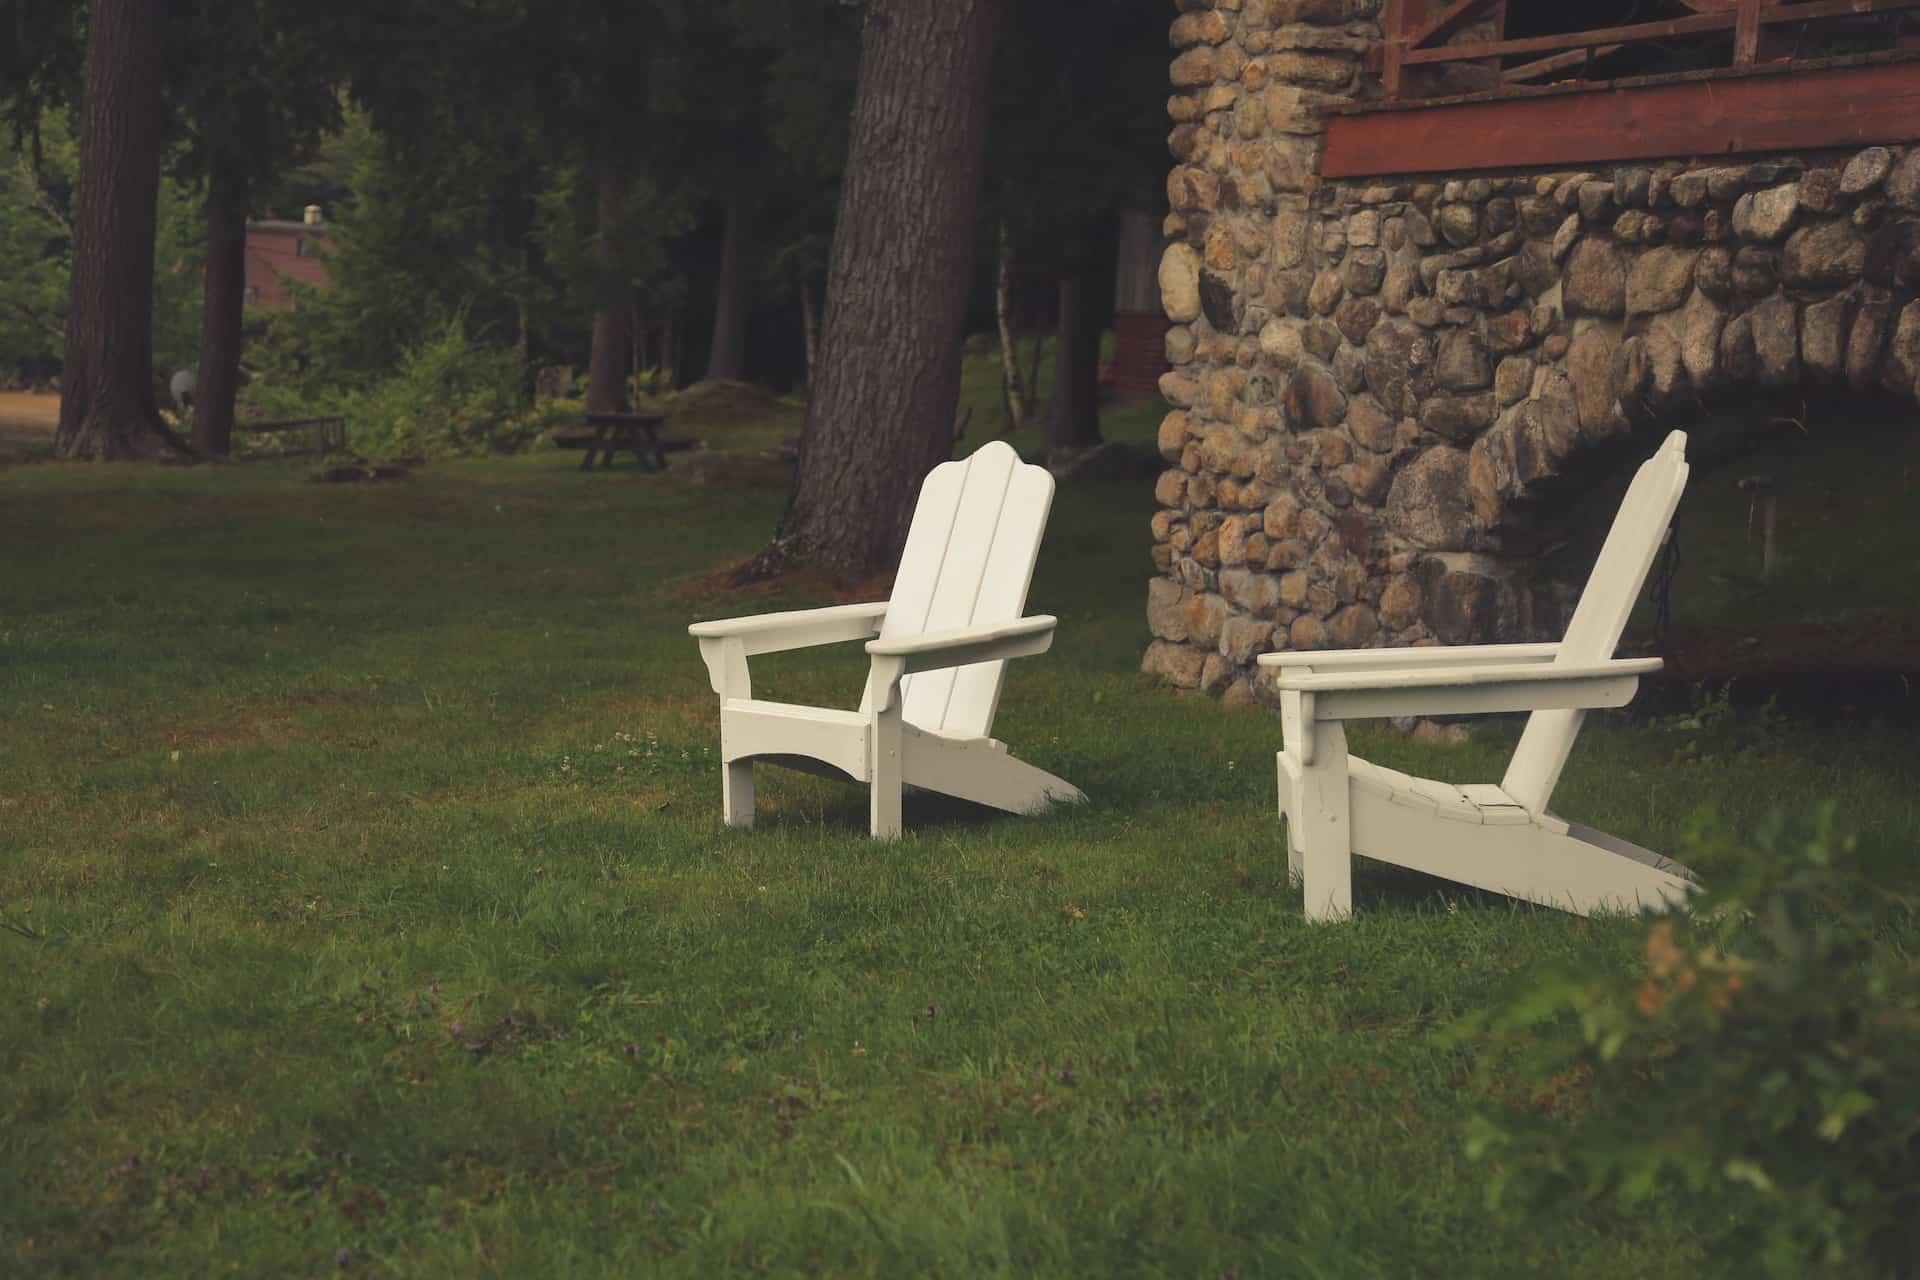 chaise d'extérieur dans un jardin